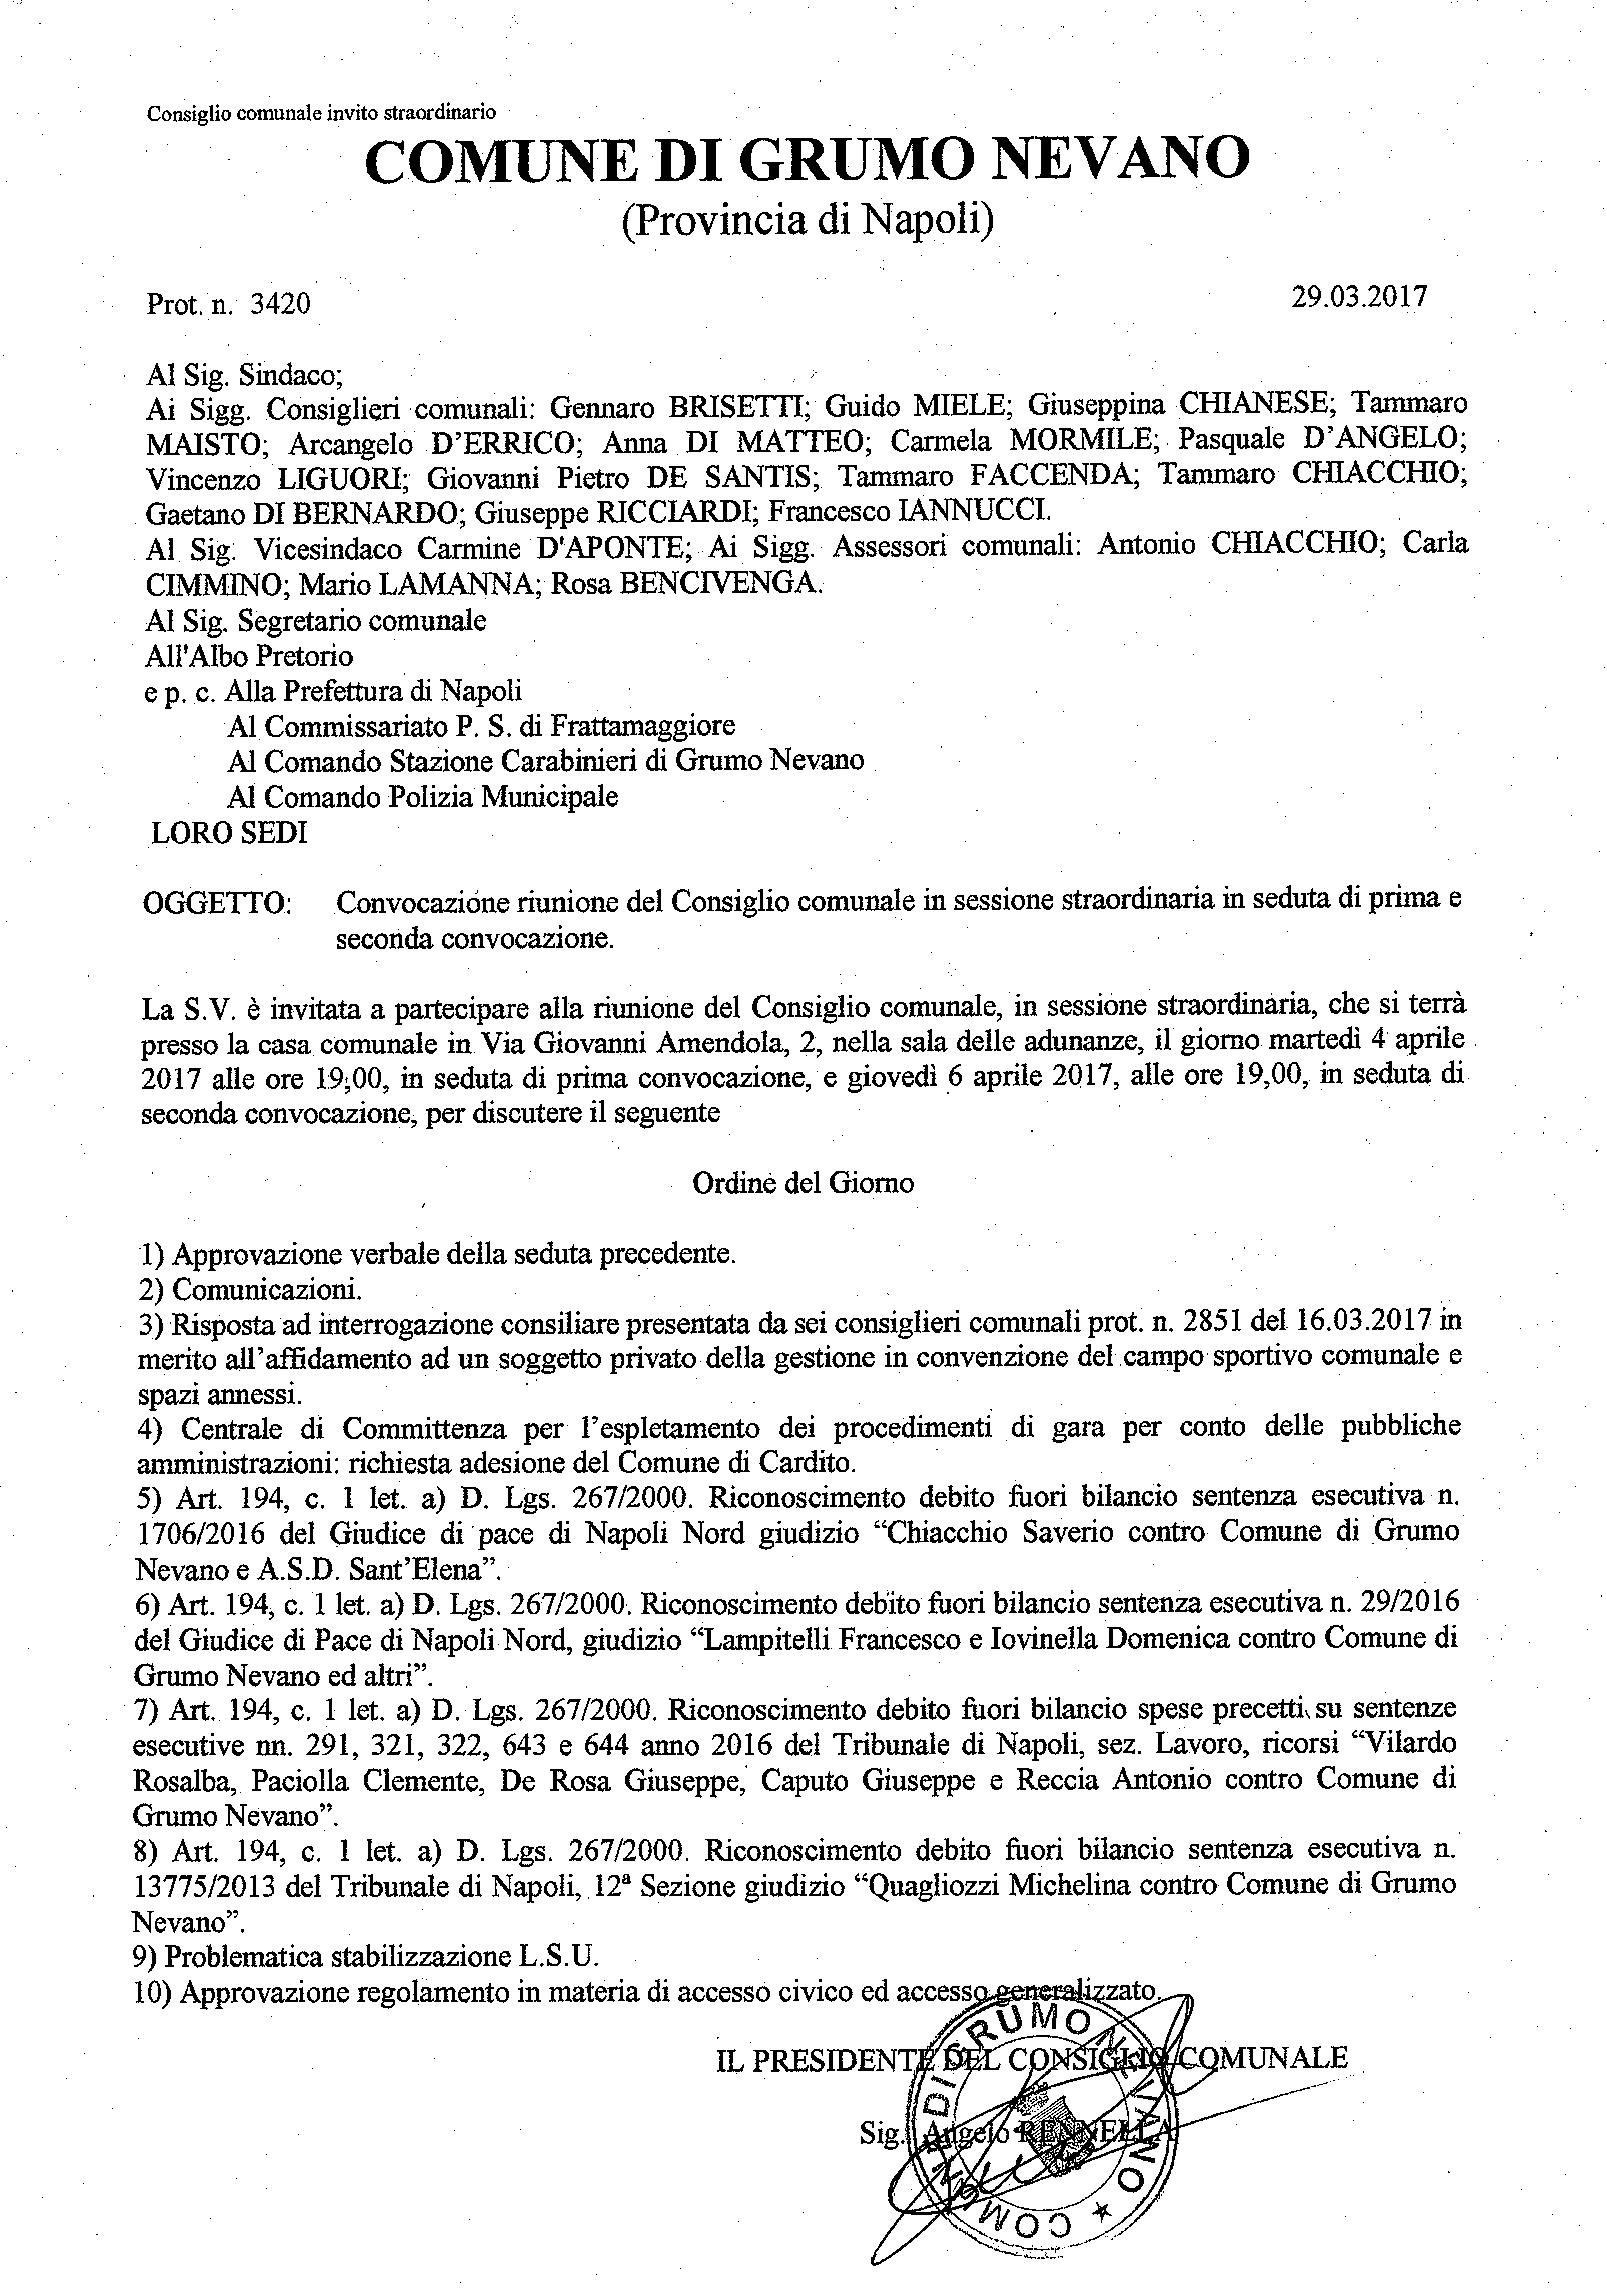 Convocazione consiglio 04.04.2017